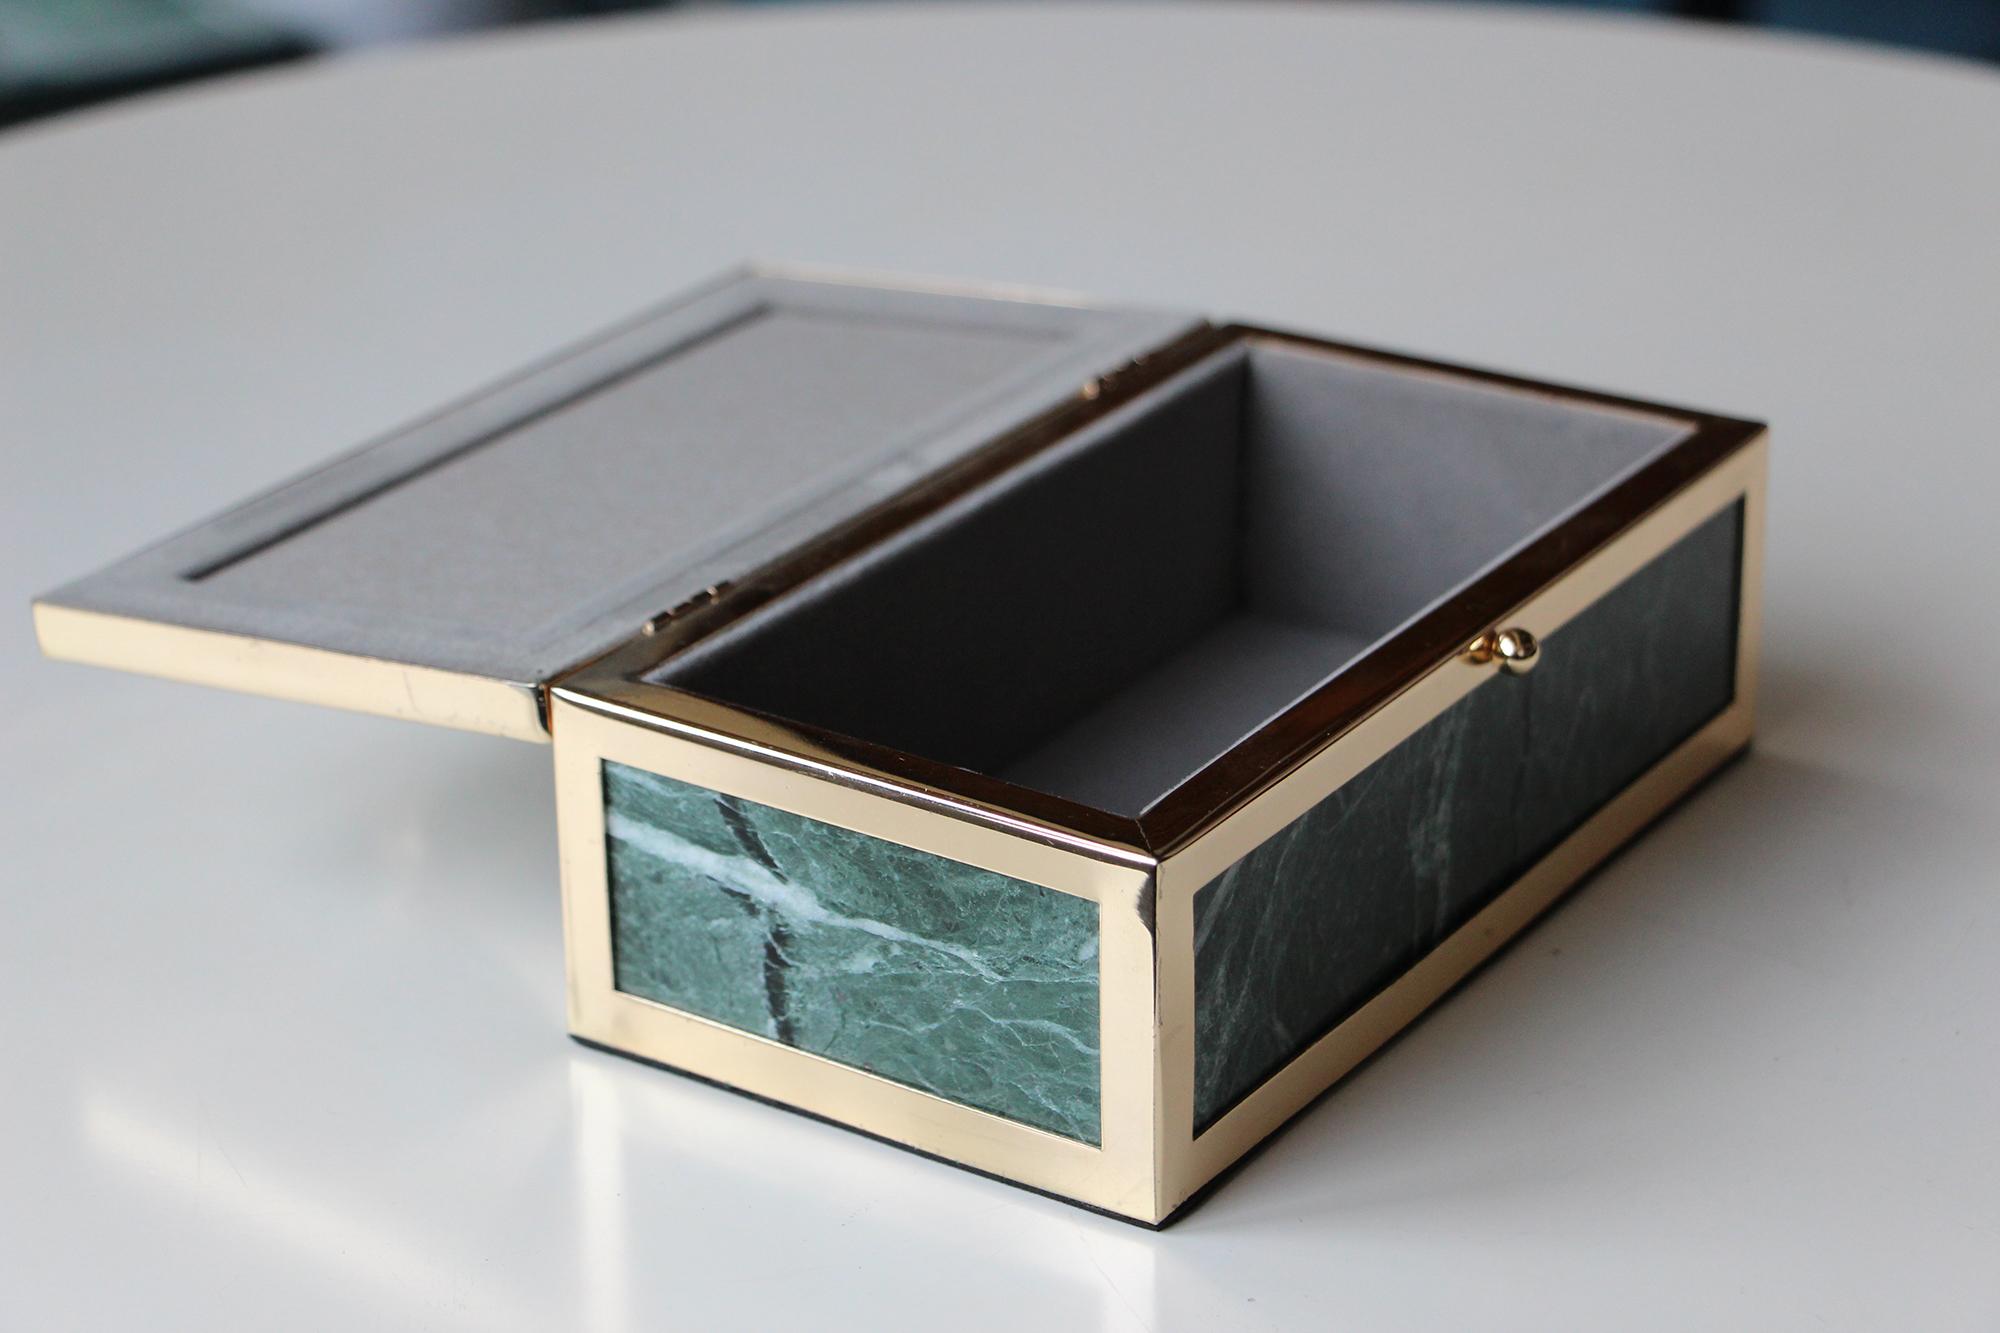 सस्ते कीमत अनुकूलित आभूषण बॉक्स संगमरमर संगमरमर के लिए आयत गहने बॉक्स विस्तार बॉक्स है।